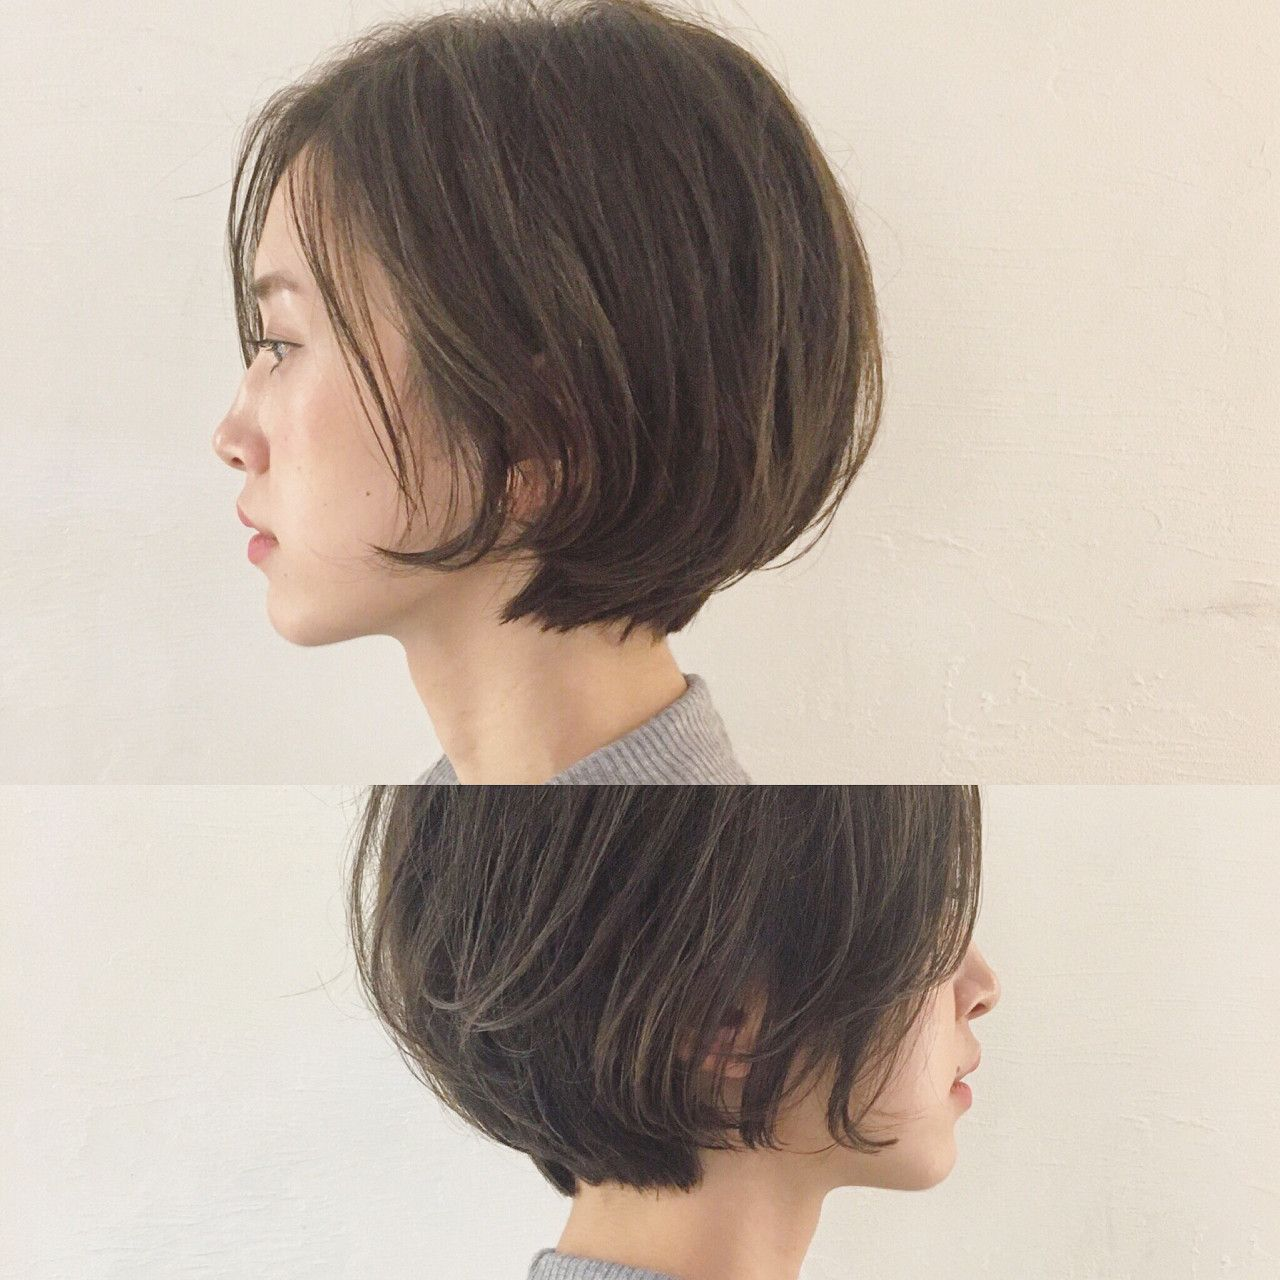 大人っぽさを手に入れるなら 前髪なしショートが色っぽい Hair ヘアスタイル ヘアカット ボブ